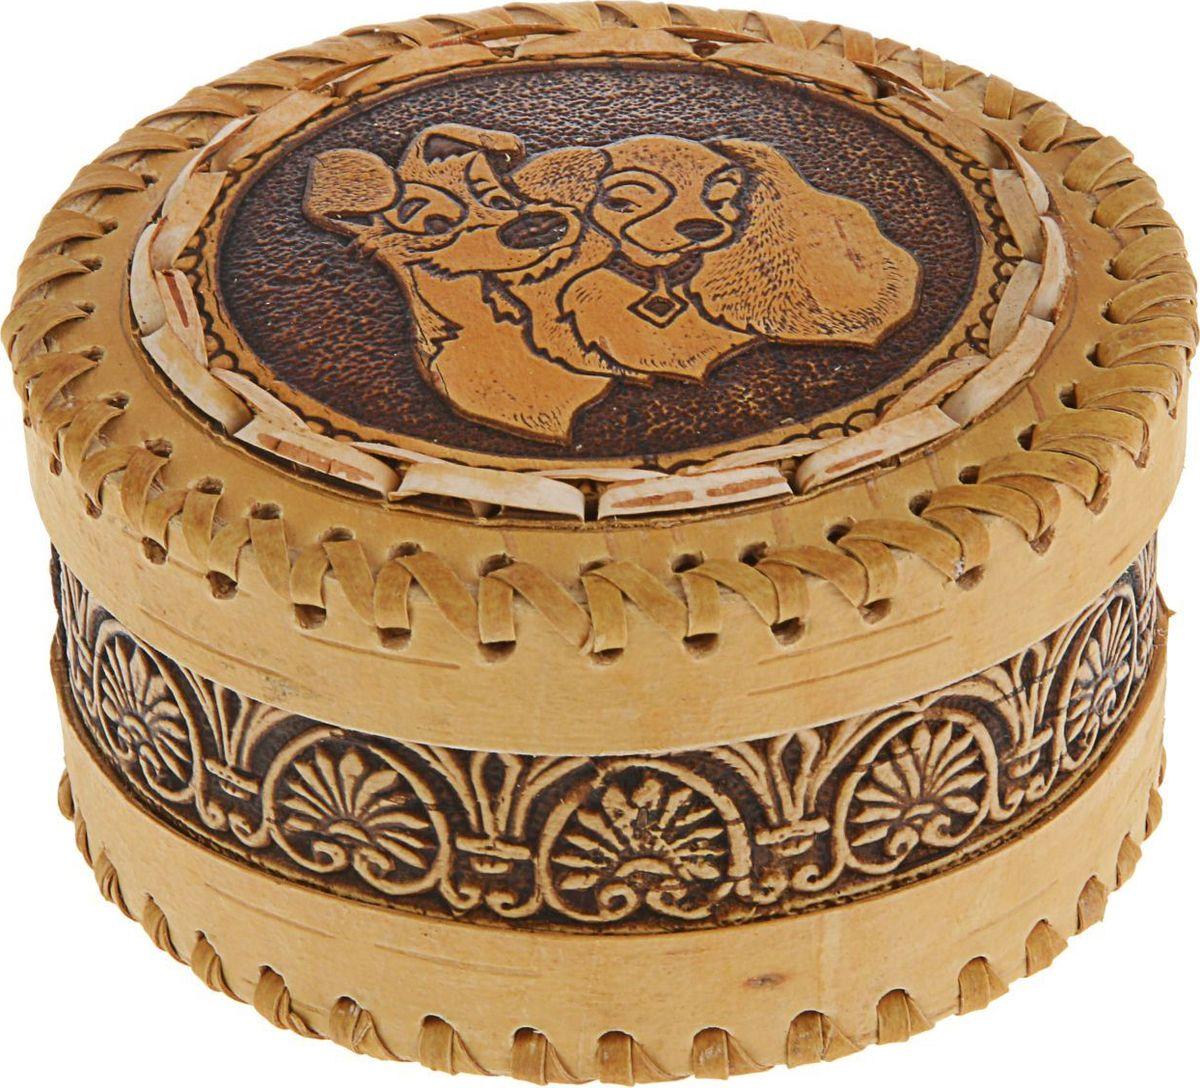 Шкатулка Sima-land Собачка. Вид 1, цвет: слоновая кость, 11,5 х 11,5 х 62291640Шкатулка — это небольшой сувенир, а также оригинальная упаковка подарка. Она дополнит интерьер спальни, гостиной или прихожей. Изделие предназначено для хранения украшений: колец, браслетов, часов, цепочек, колье, сережек и прочих предметов.